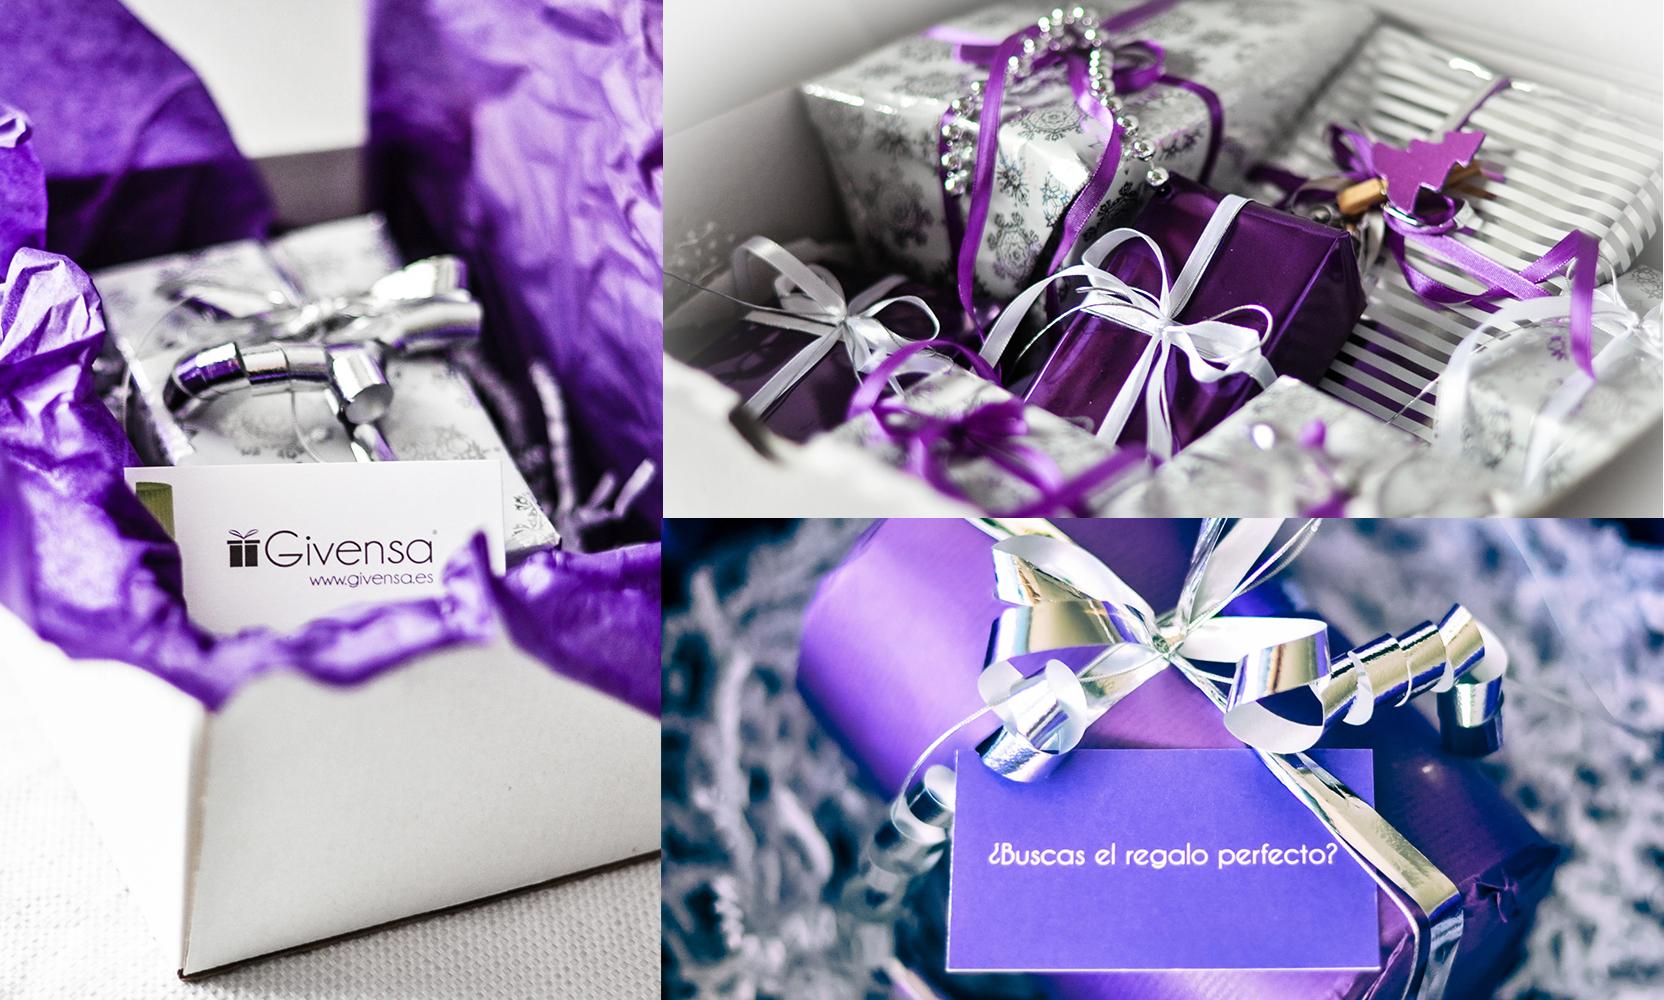 Givensa regalos originales de suecia para navidad y reyes c digo descuento 5 blog tienda - Regalos originales decoracion ...